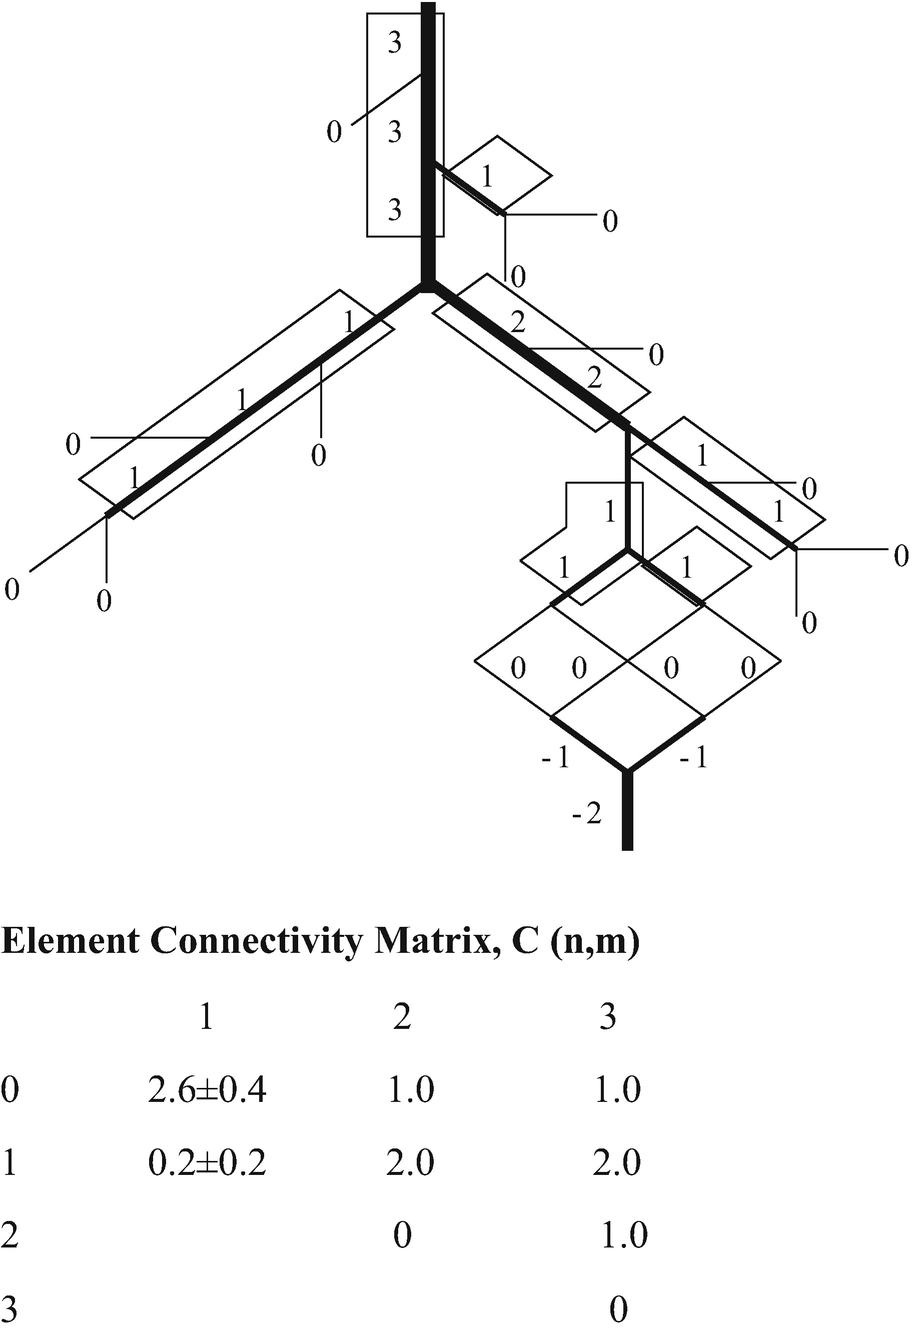 bar 6 cake feeders wiring diagram morphometry of coronary vasculature springerlink  morphometry of coronary vasculature